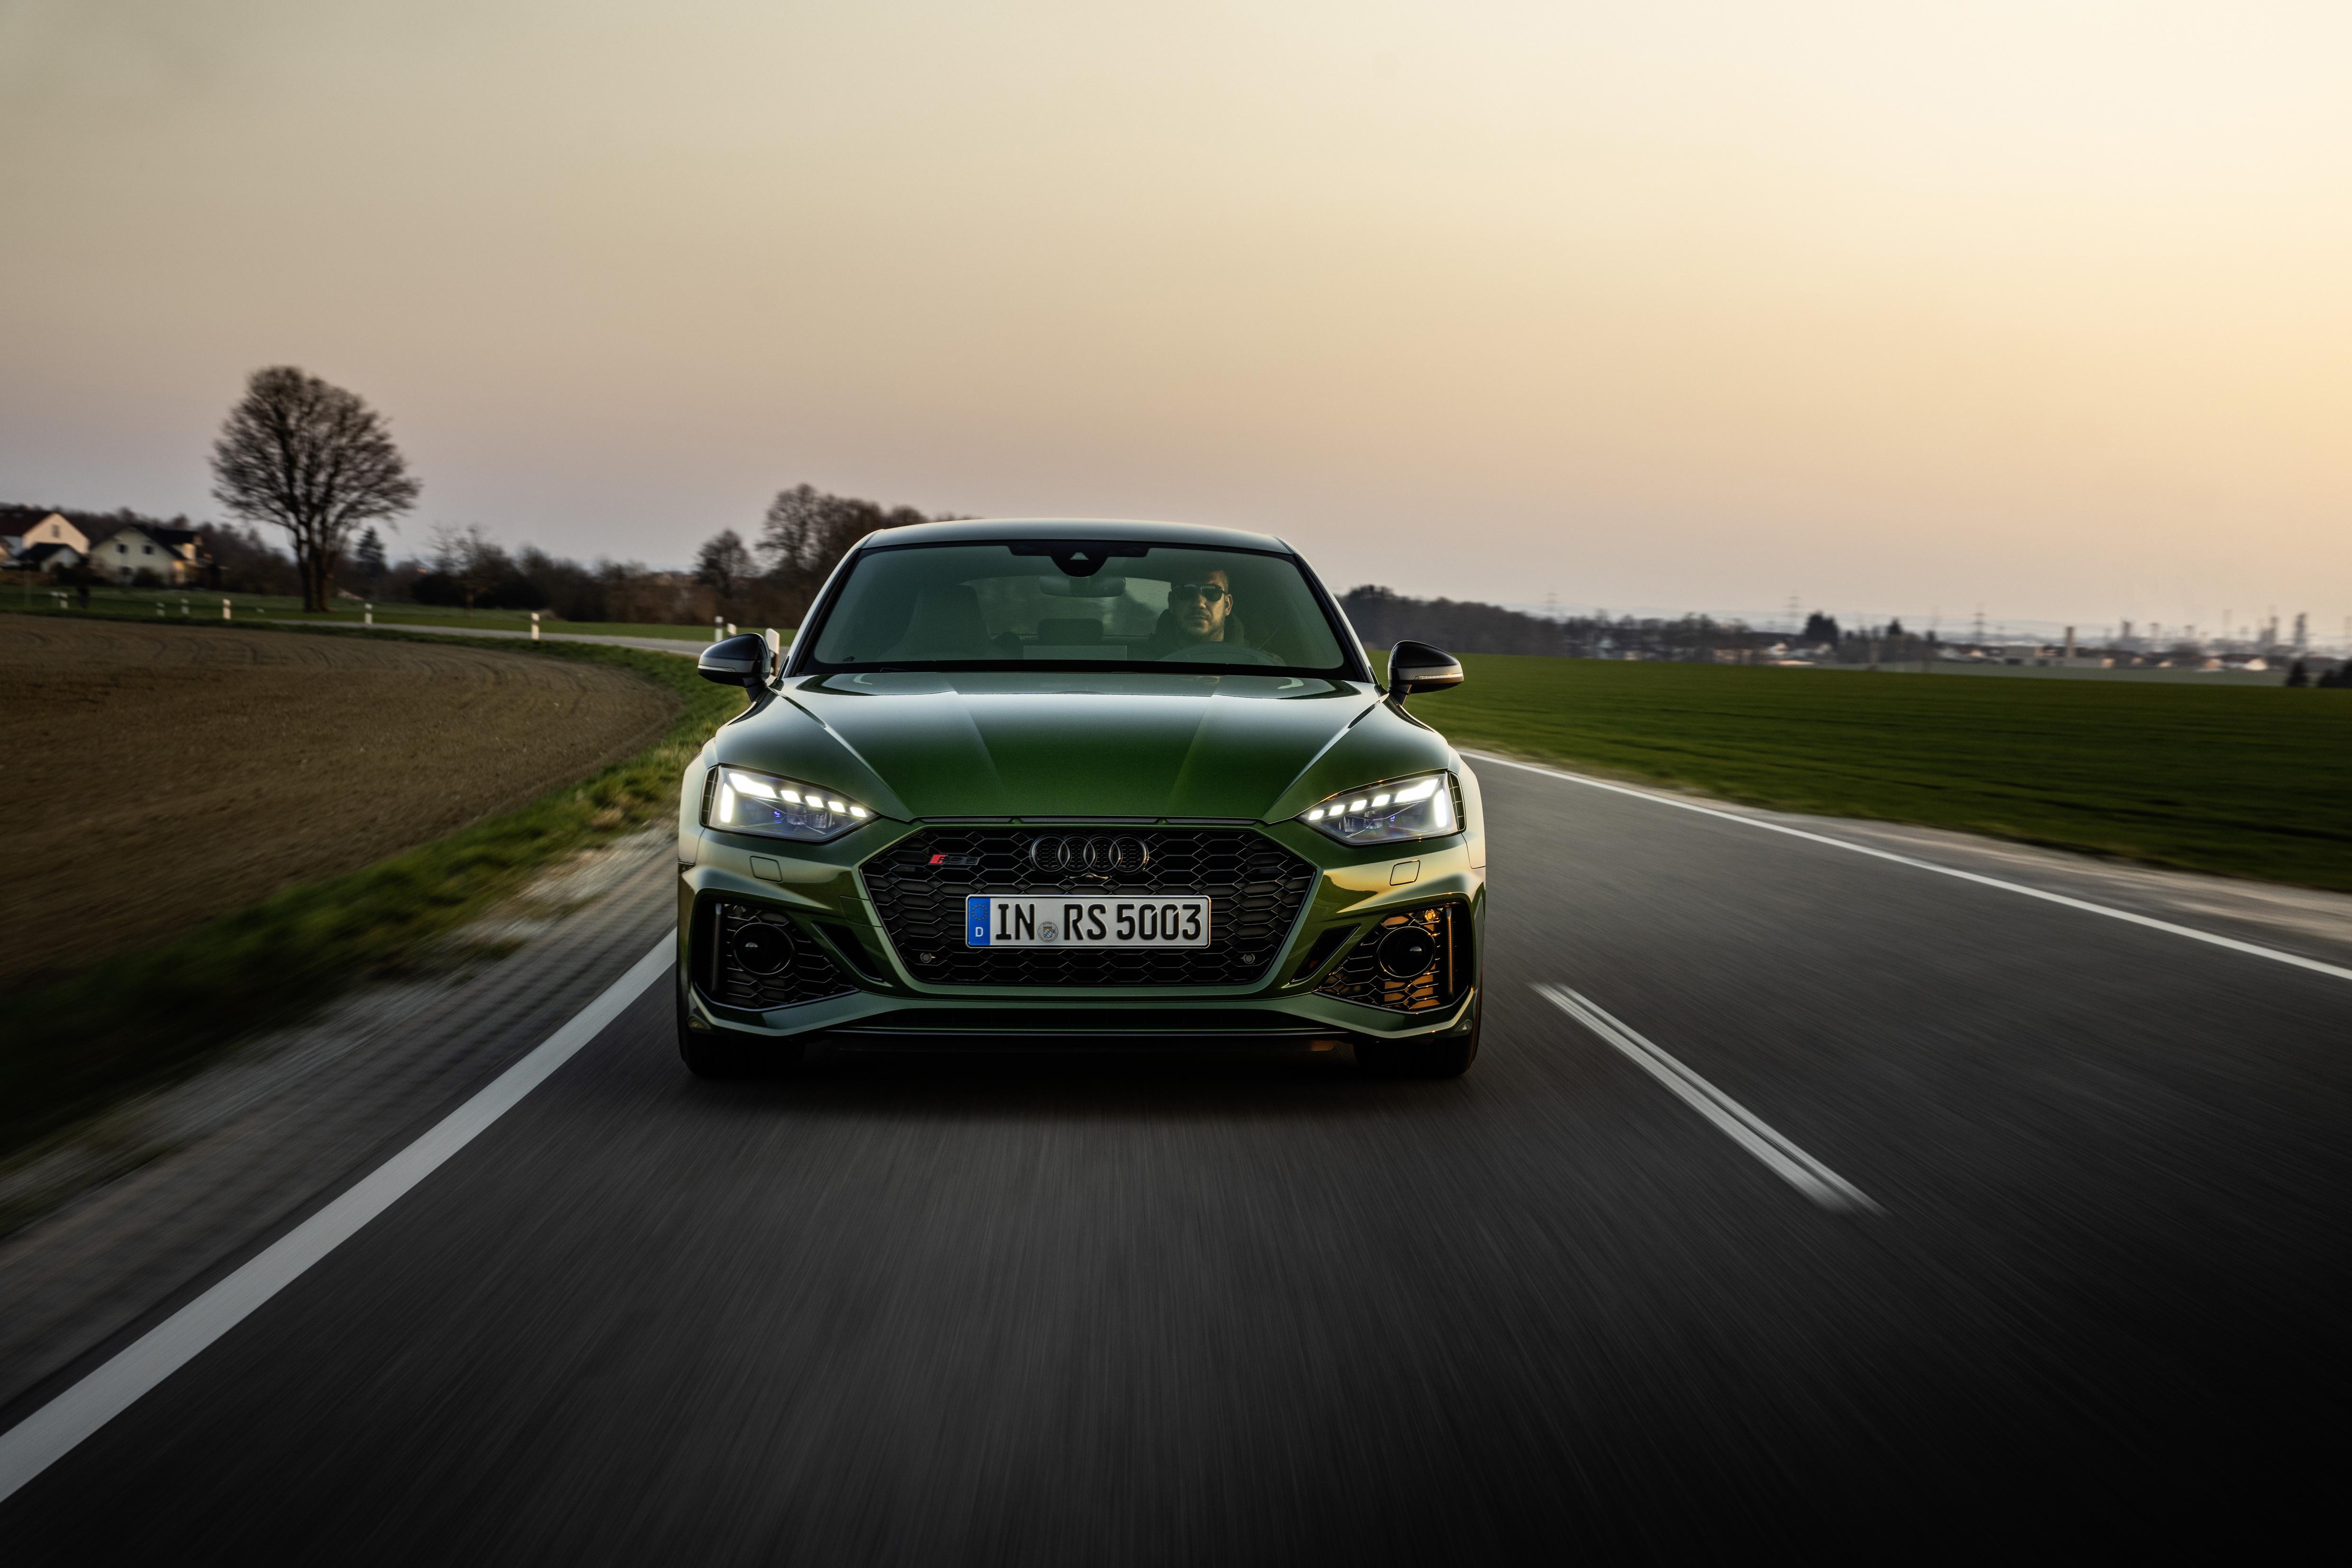 Straßenstaubsauger mit 450 PS - der Audi RS 5 ist eine kultiviertre Sportlimousine, die es faustdick unter der Haube hat.